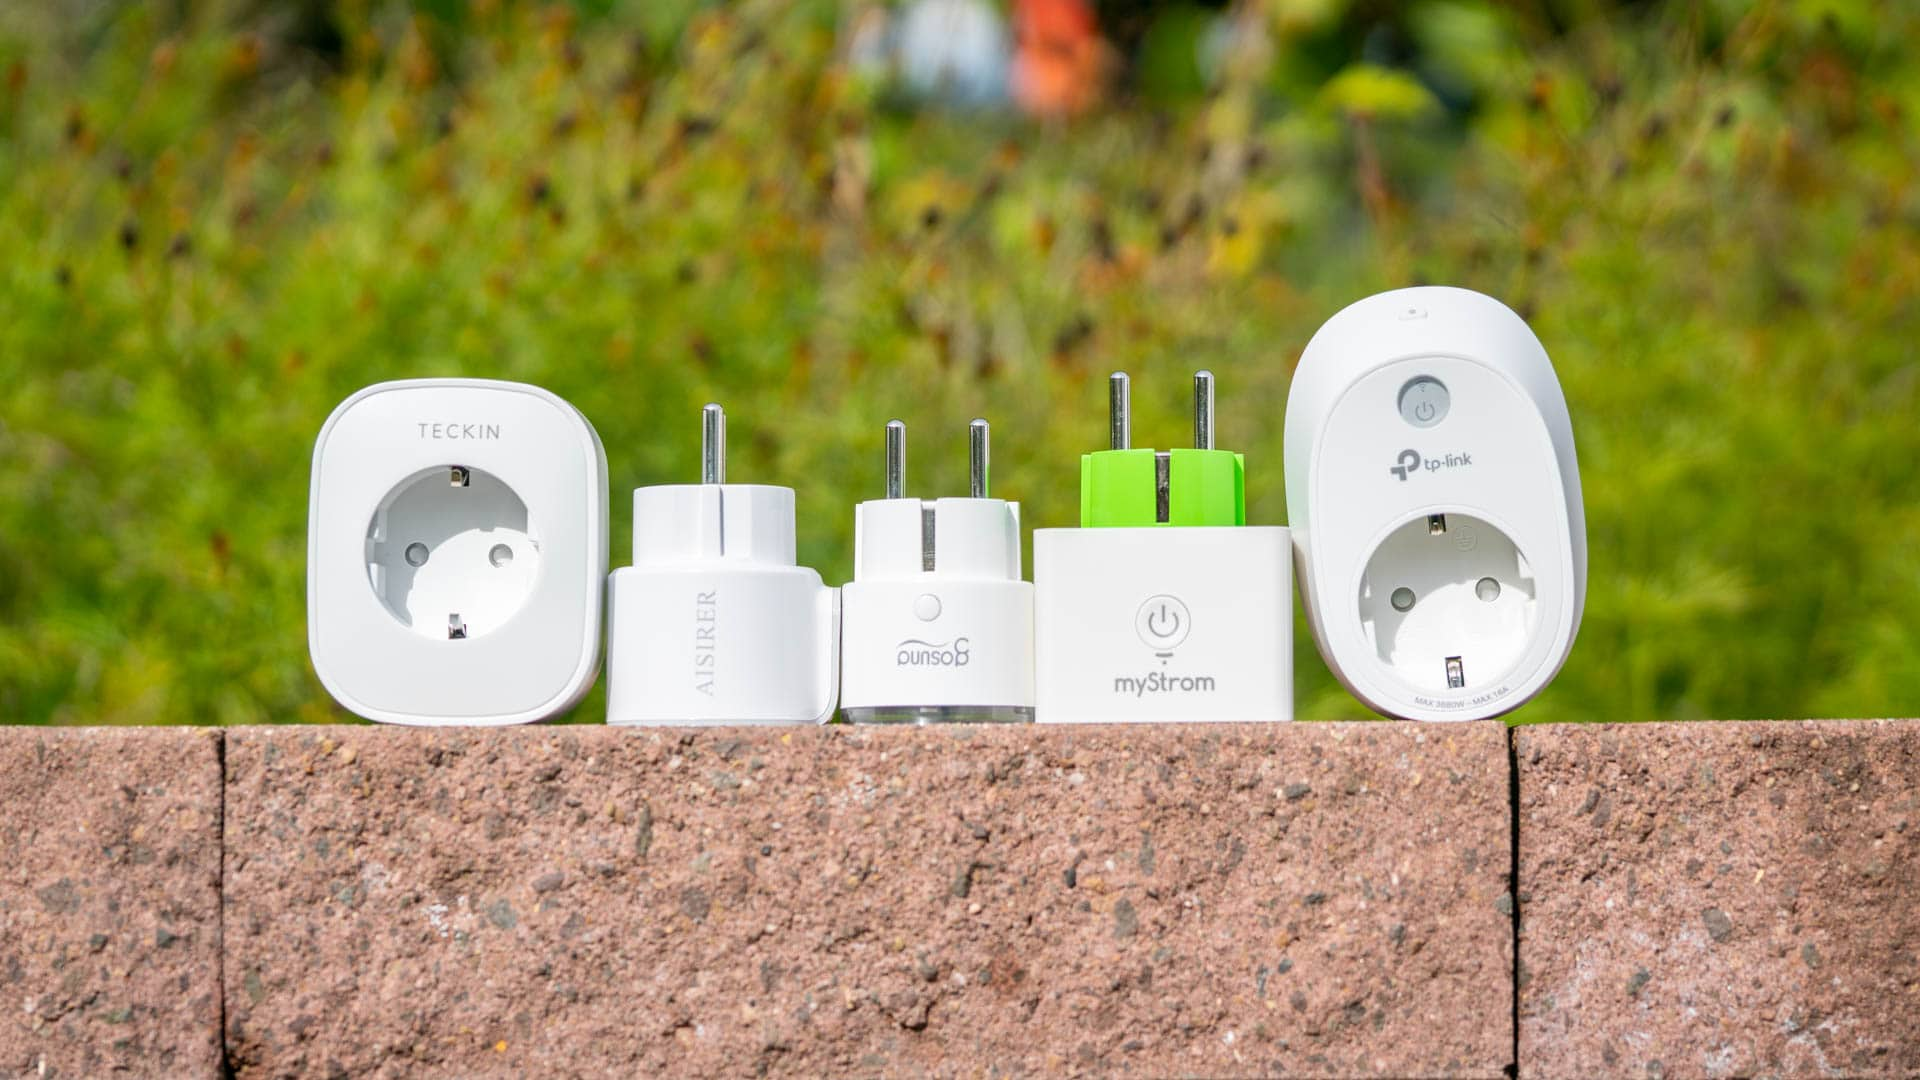 5x WLAN Steckdosen mit Verbrauchsmessung im Vergleich